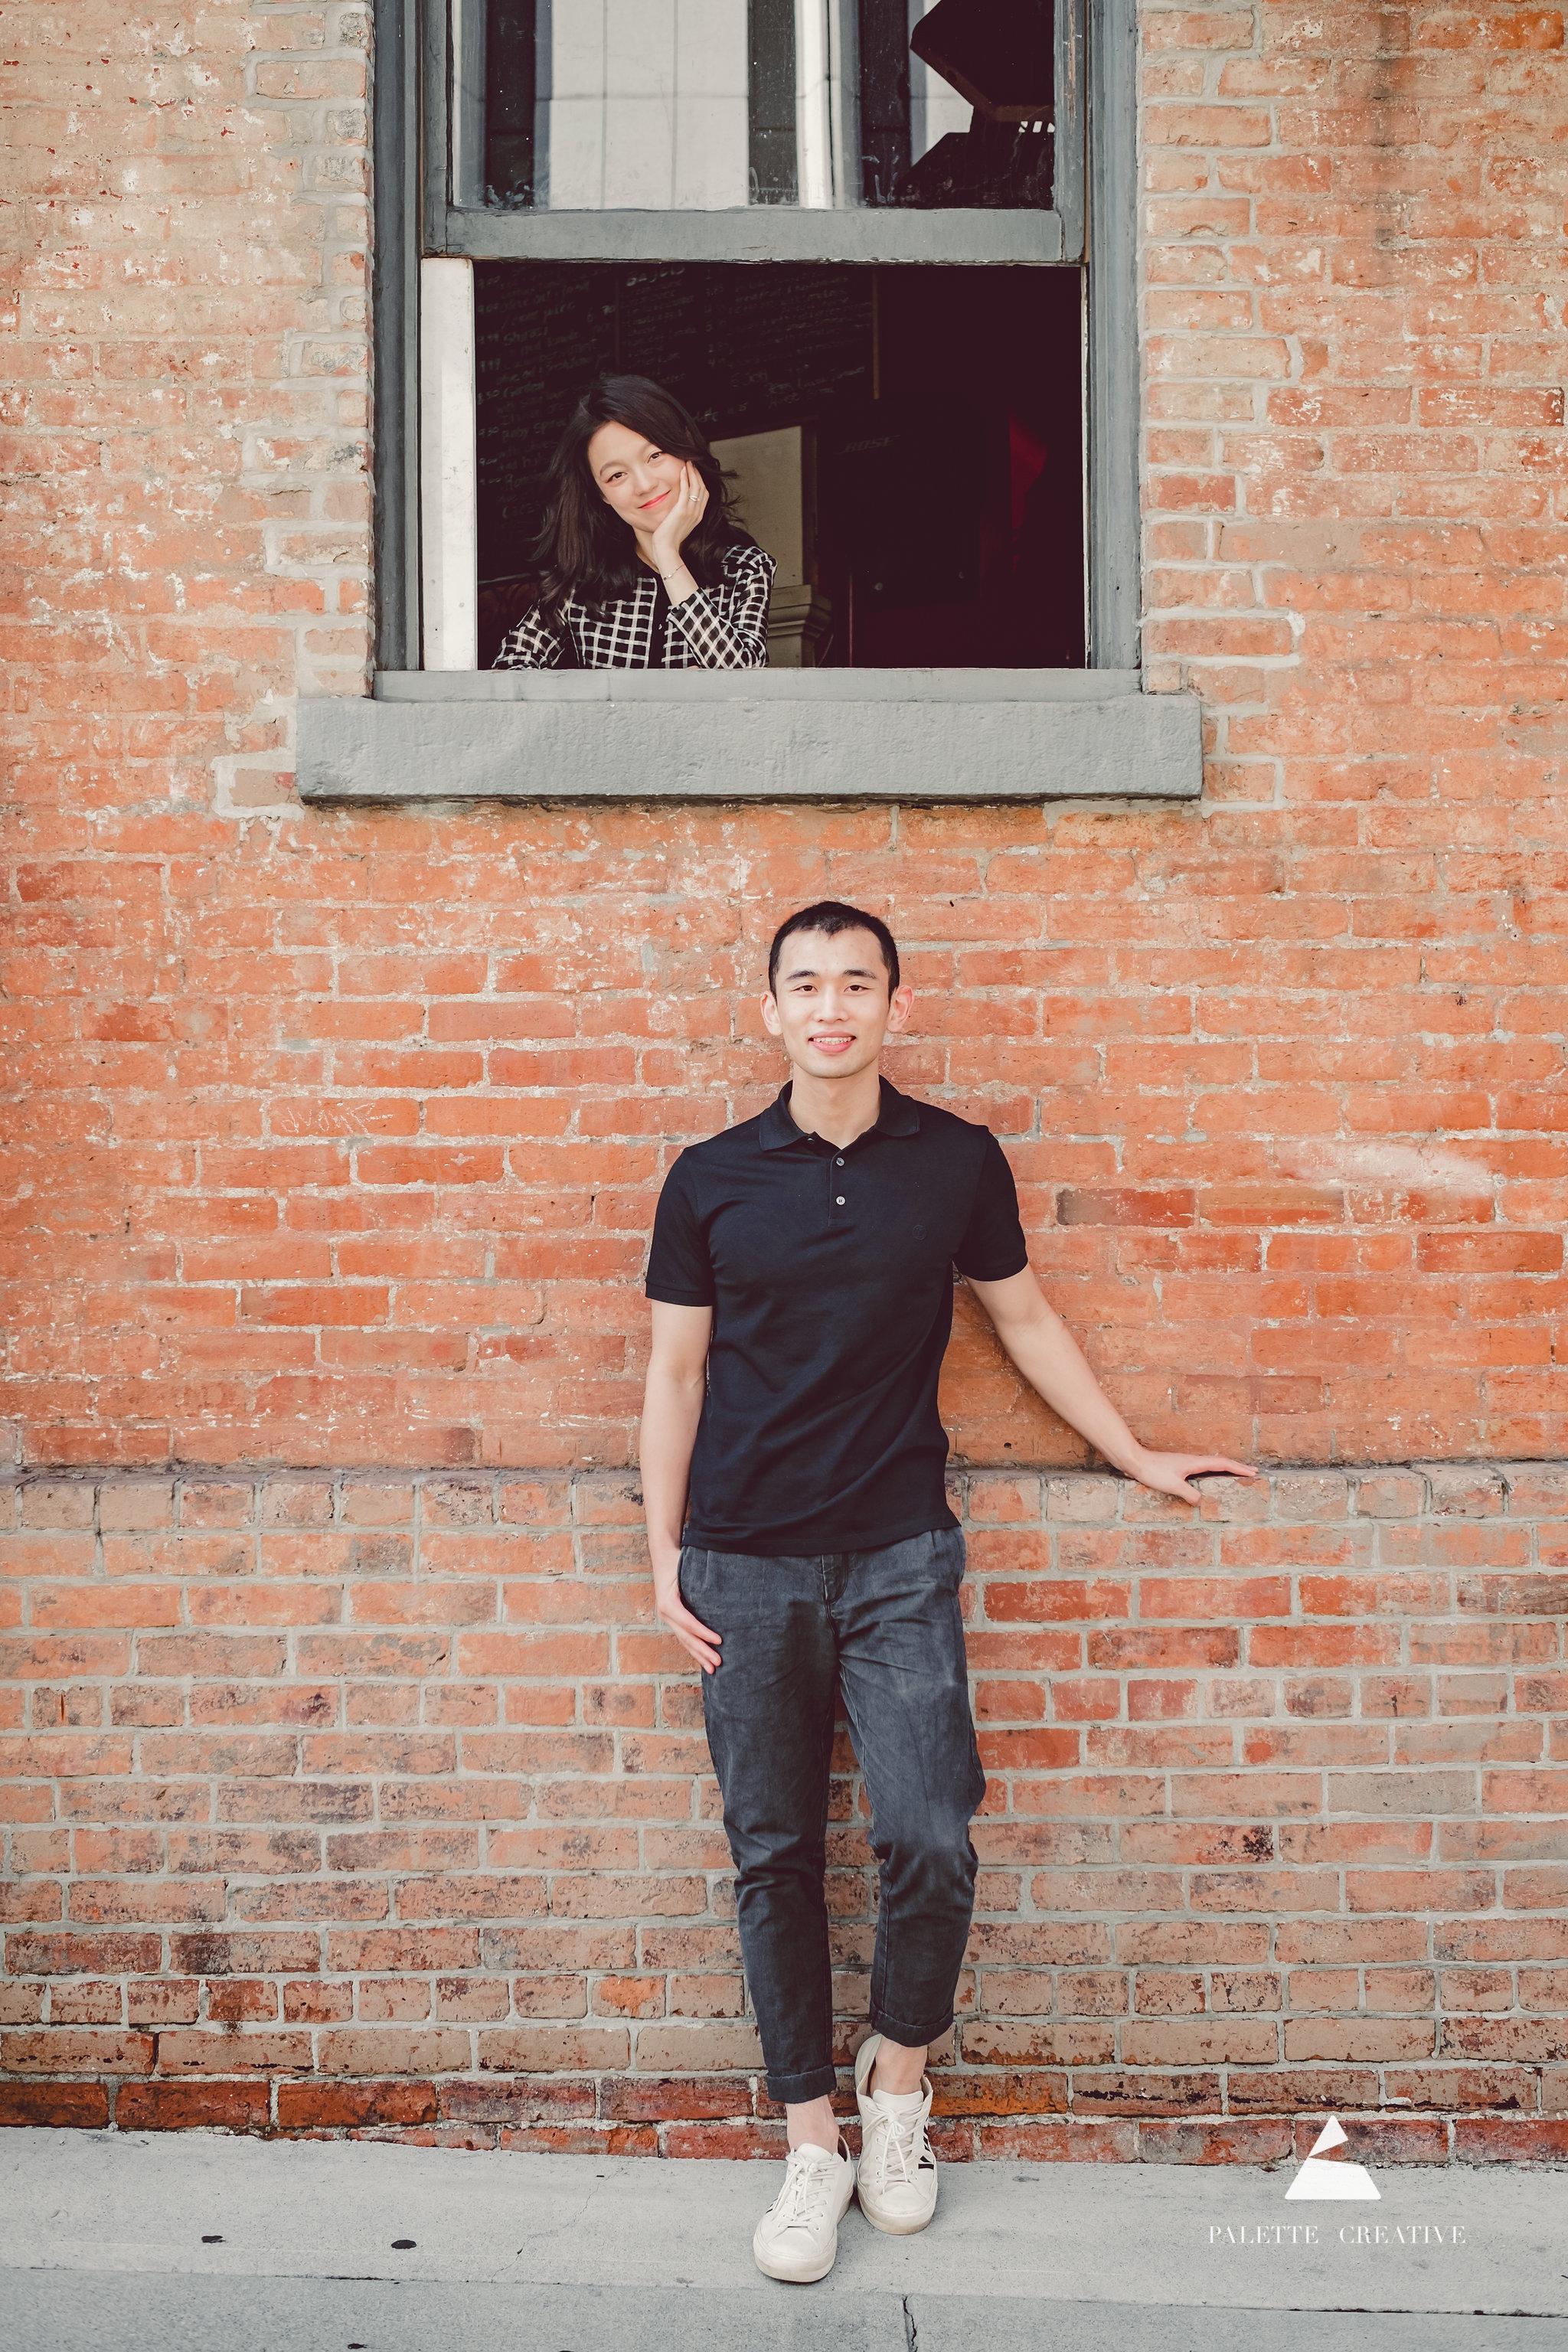 Maria&Aaron-Eshoot-FULL-HD-18.JPG